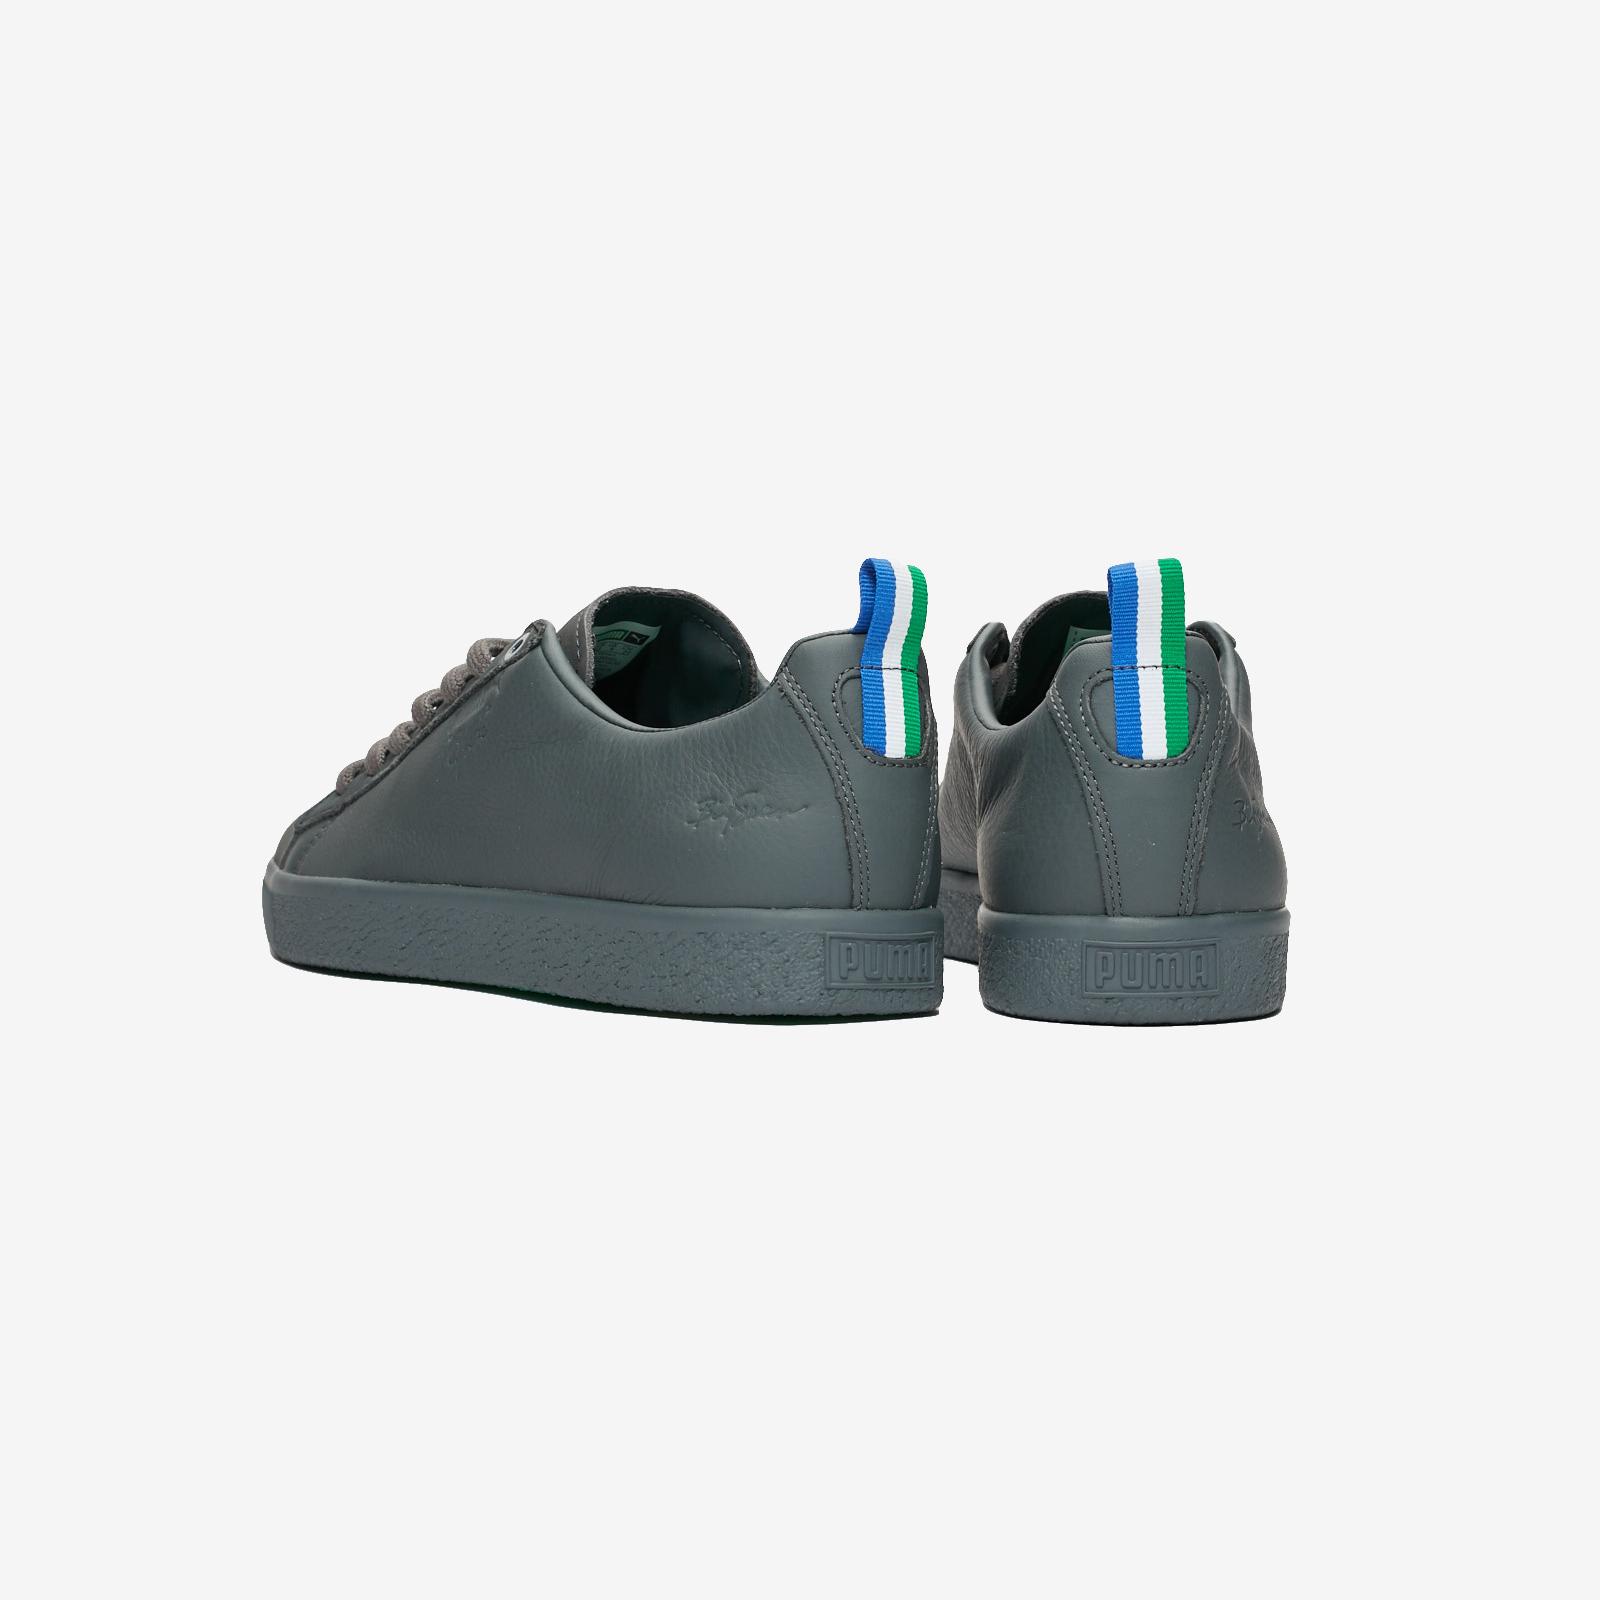 watch bf0af 2cd3f Puma Clyde x Big Sean - 367415-01 - Sneakersnstuff ...